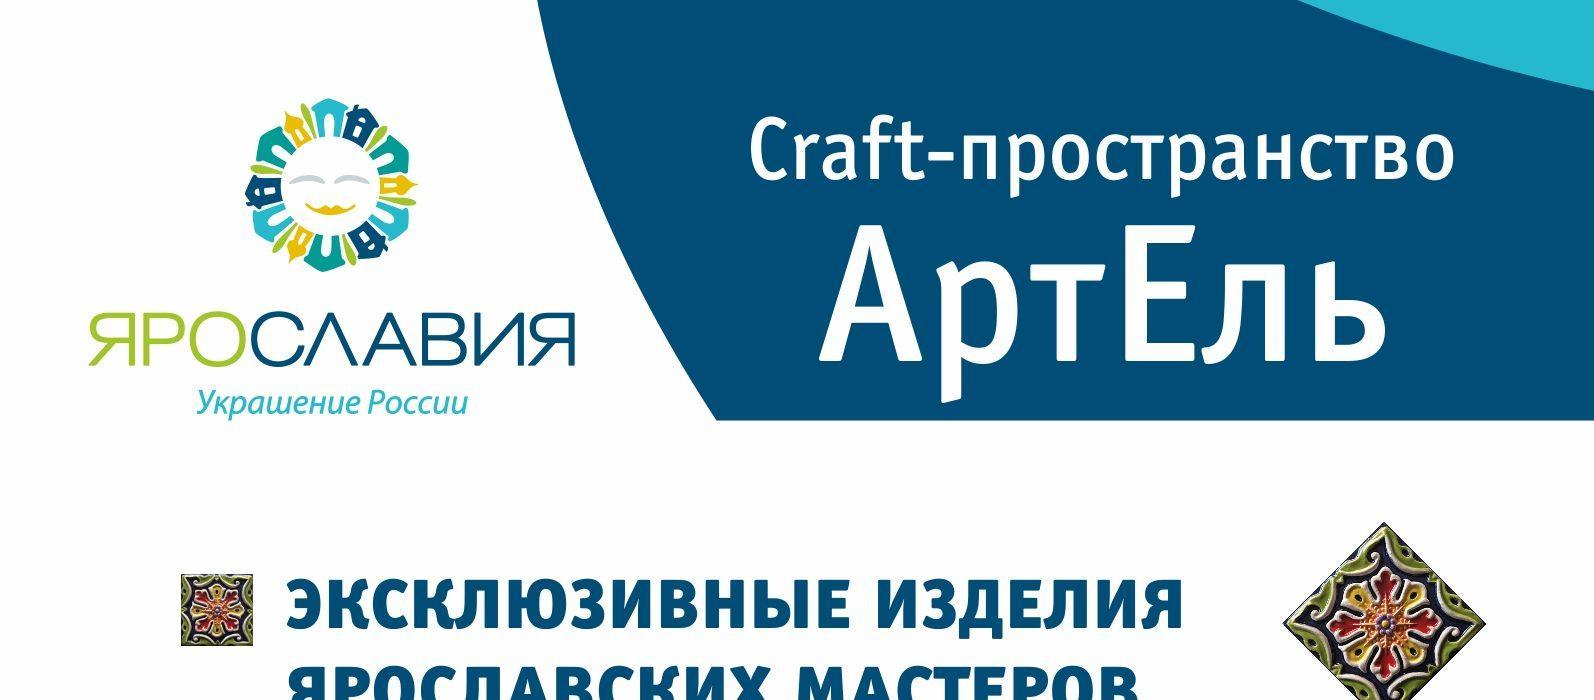 В Ярославле открылось новое крафт-пространство